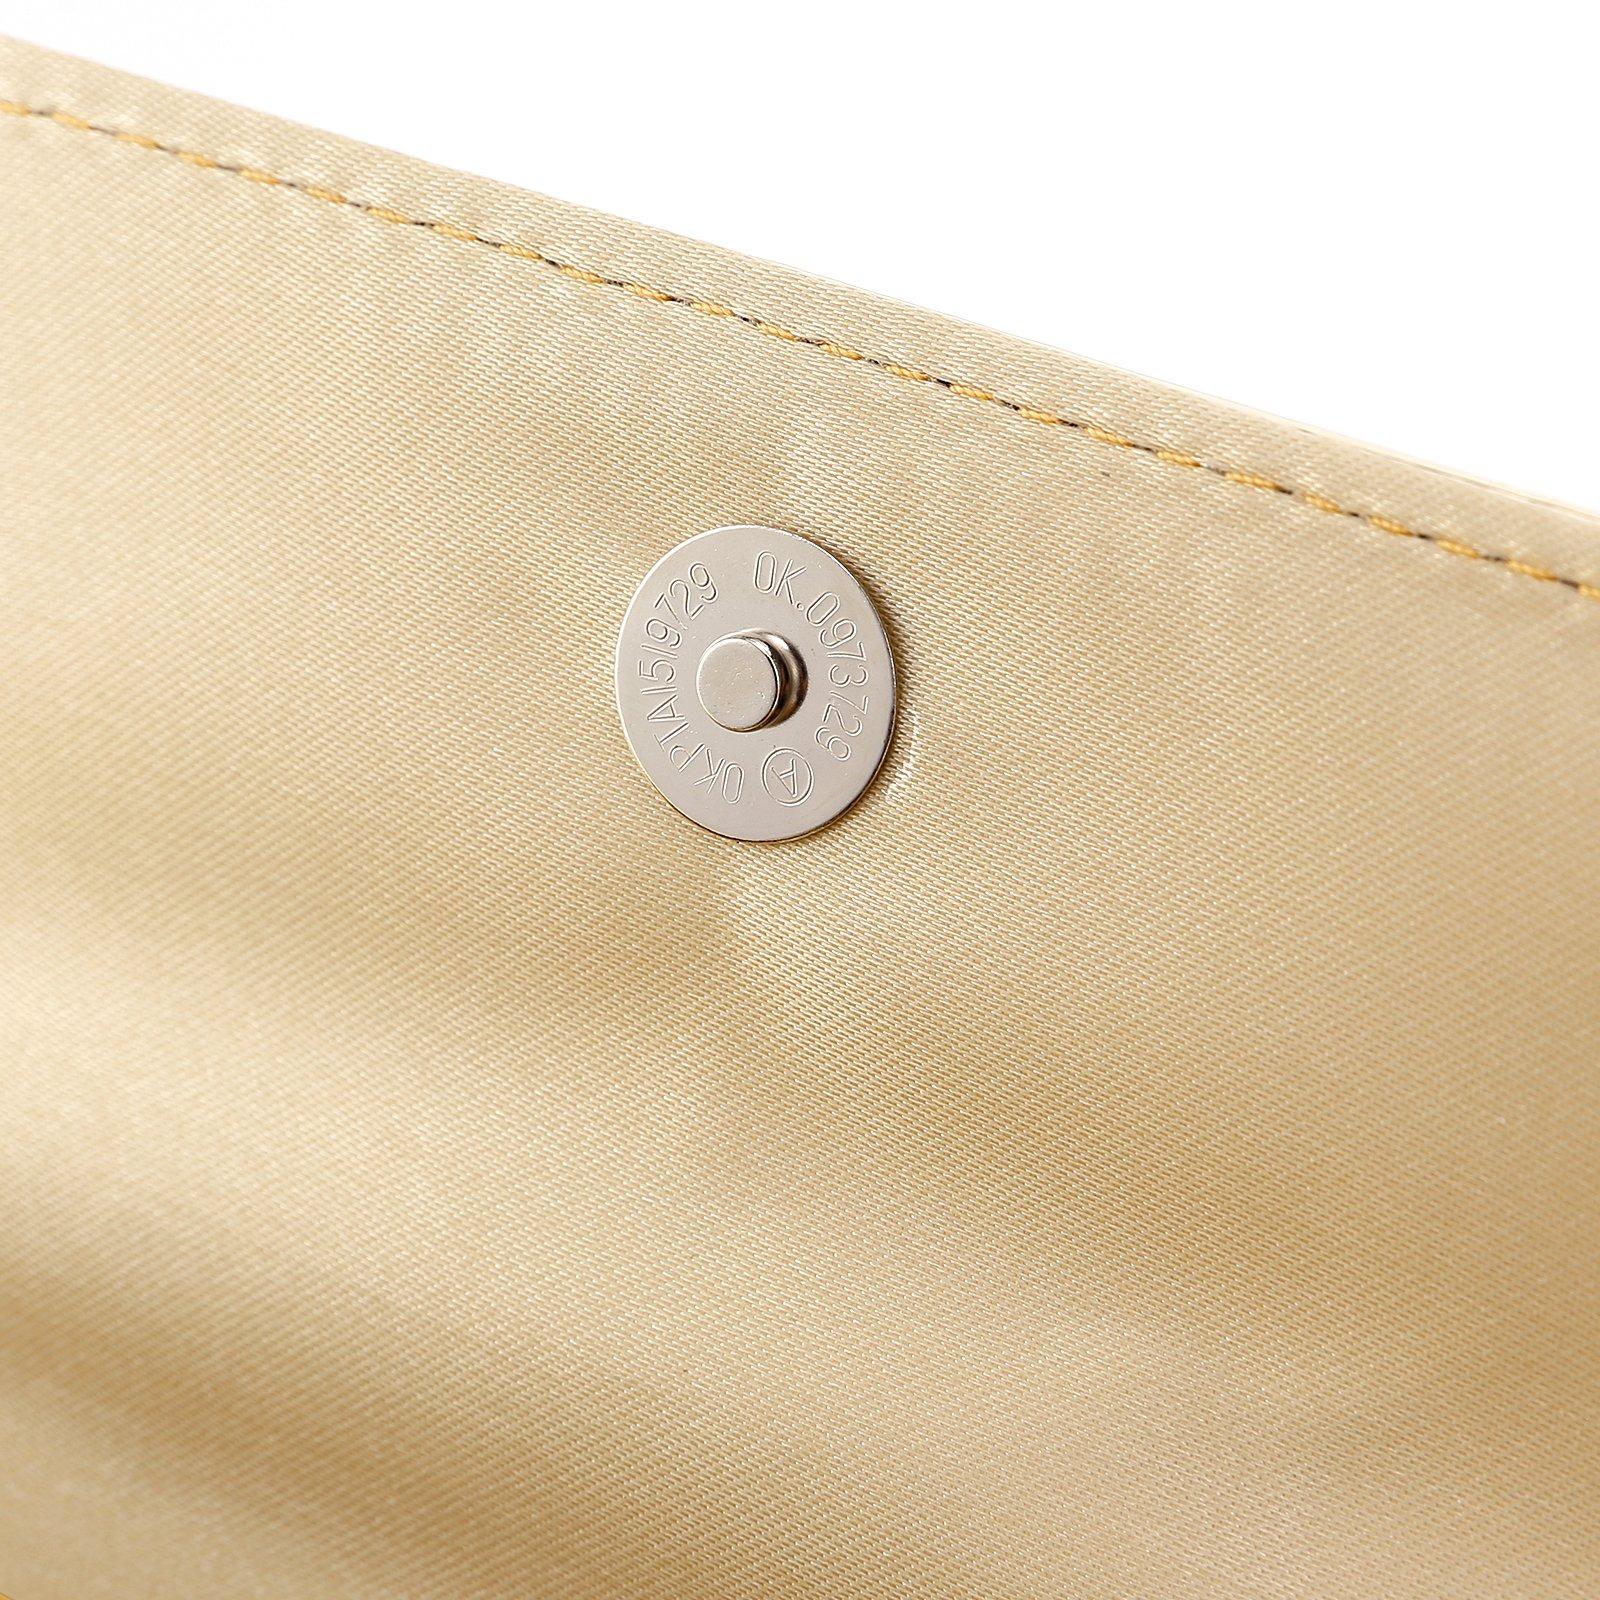 Fraulein38 Designer Mirror Metallic Women Clutch Patent Evening Bag by Fraulein38 (Image #3)